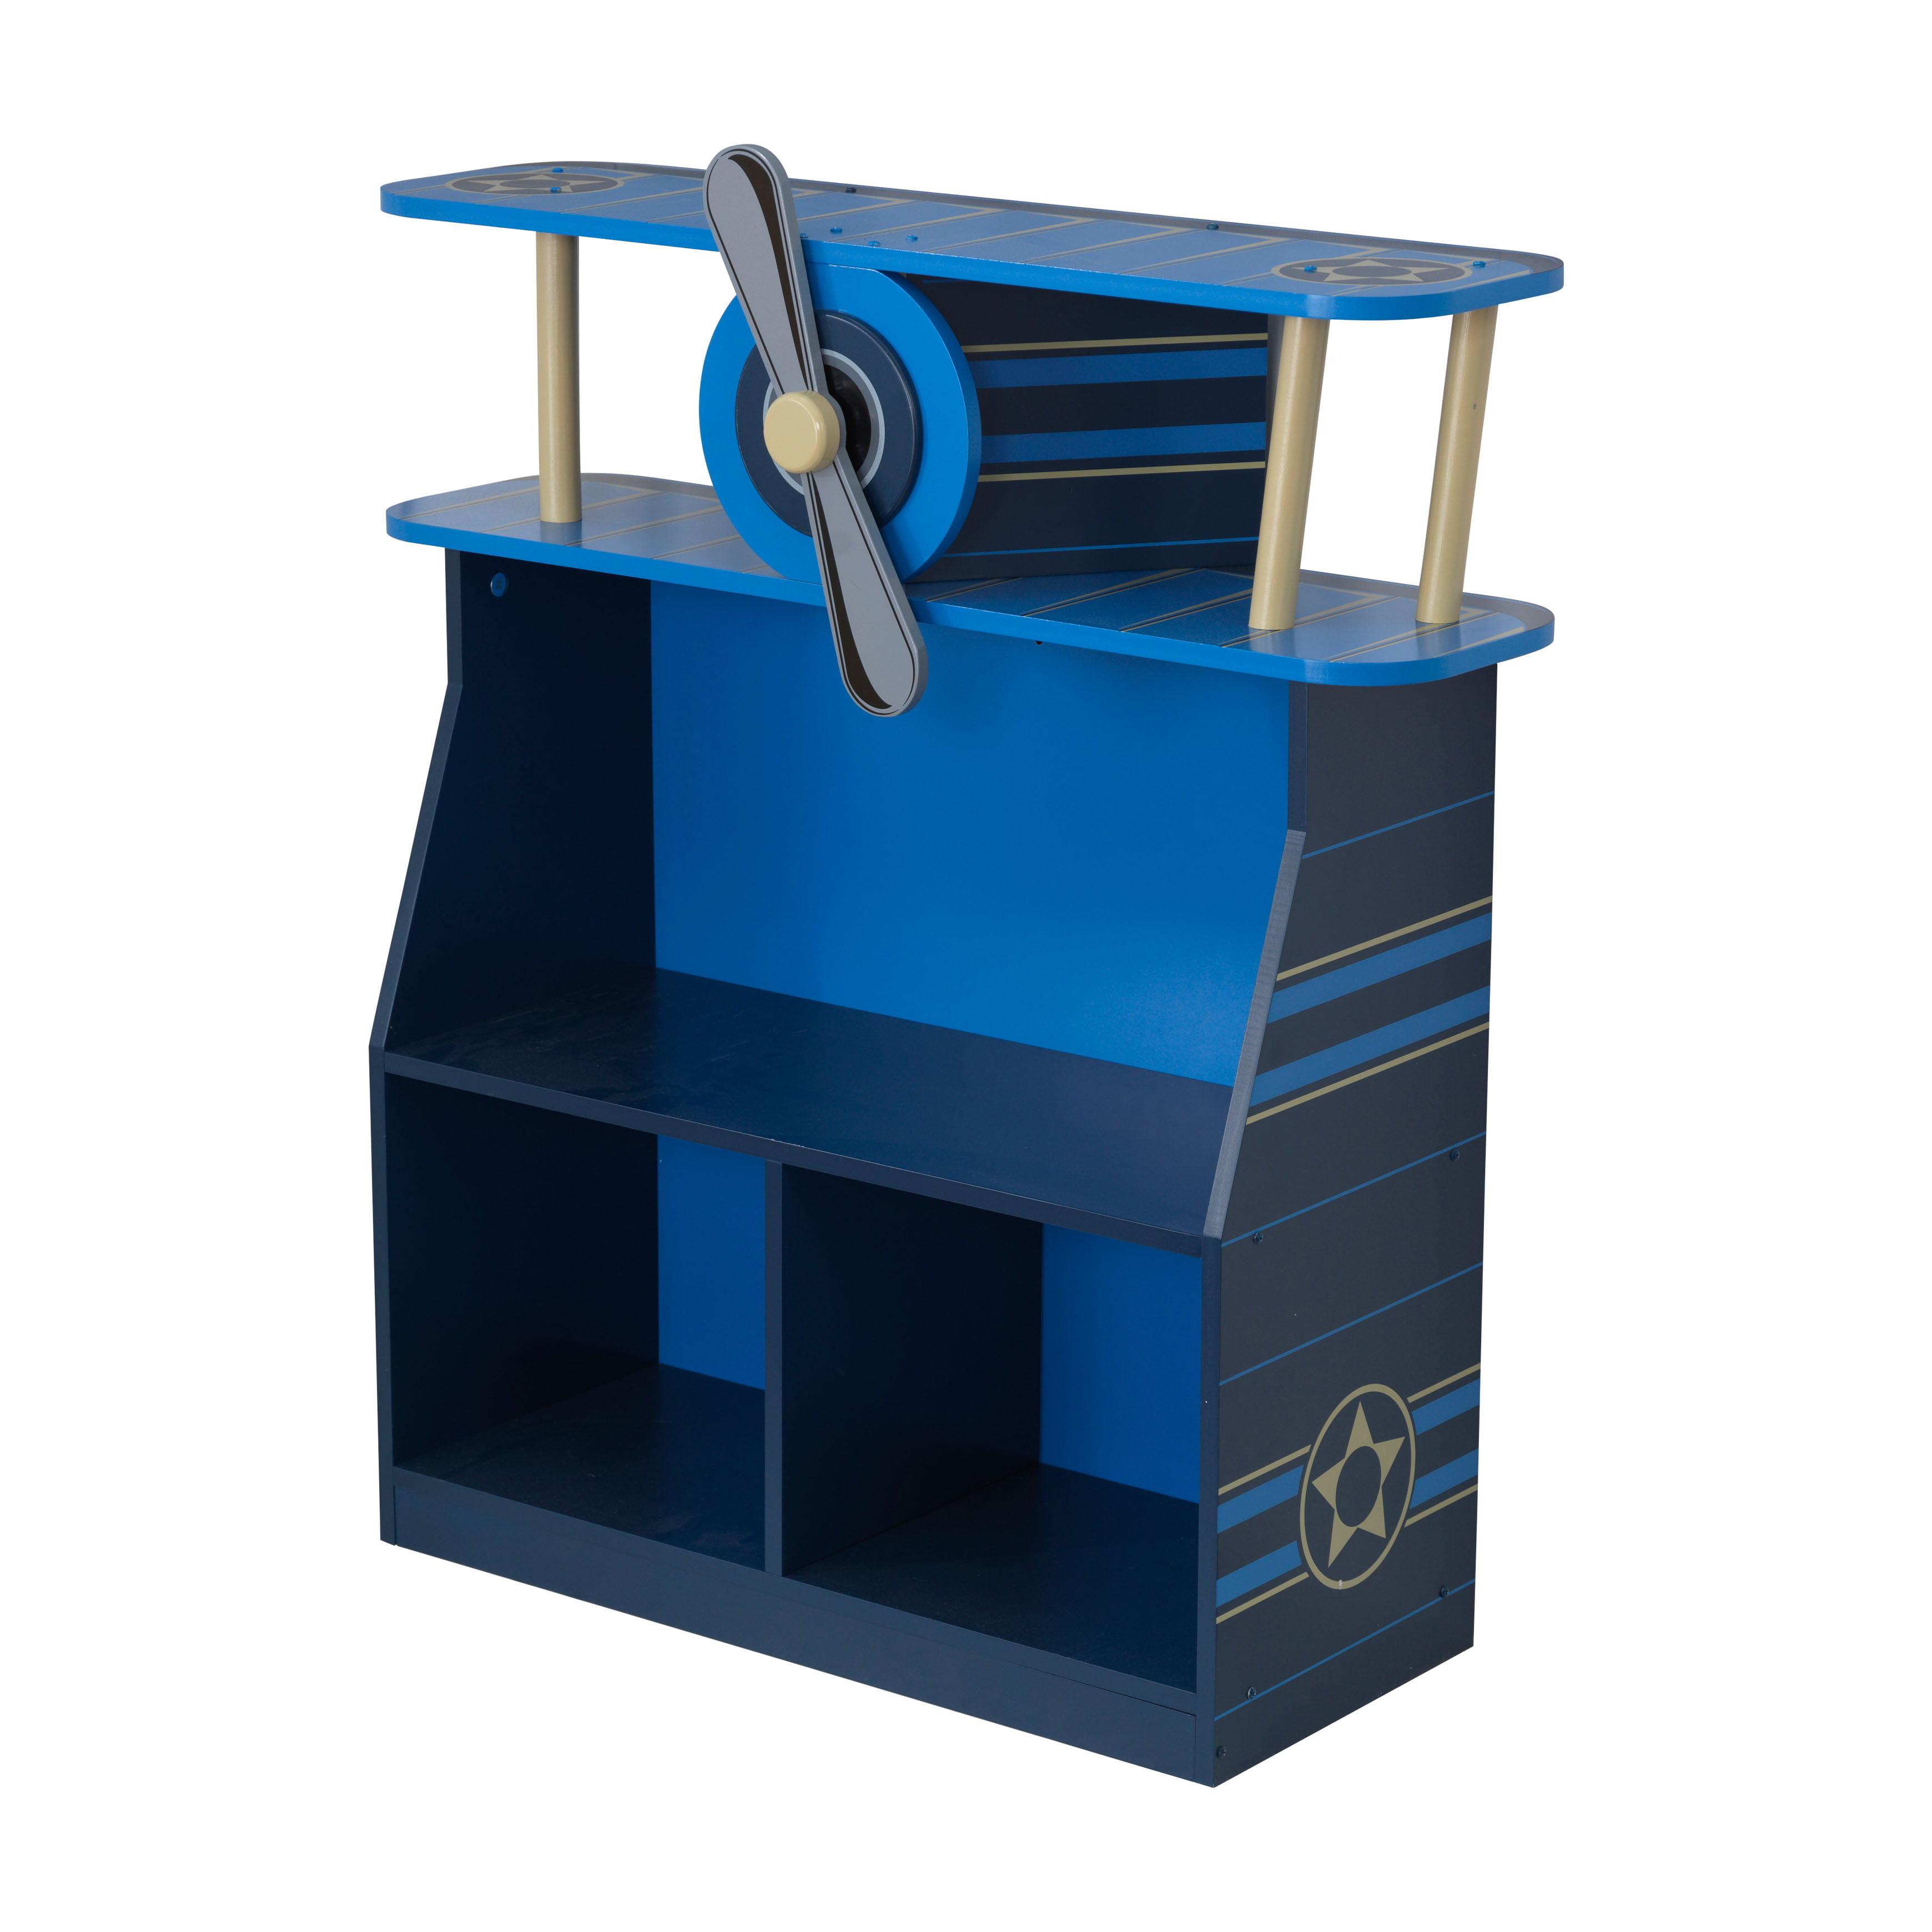 Kidkraft Kitchen Blue kidkraft airplane bookcase - walmart